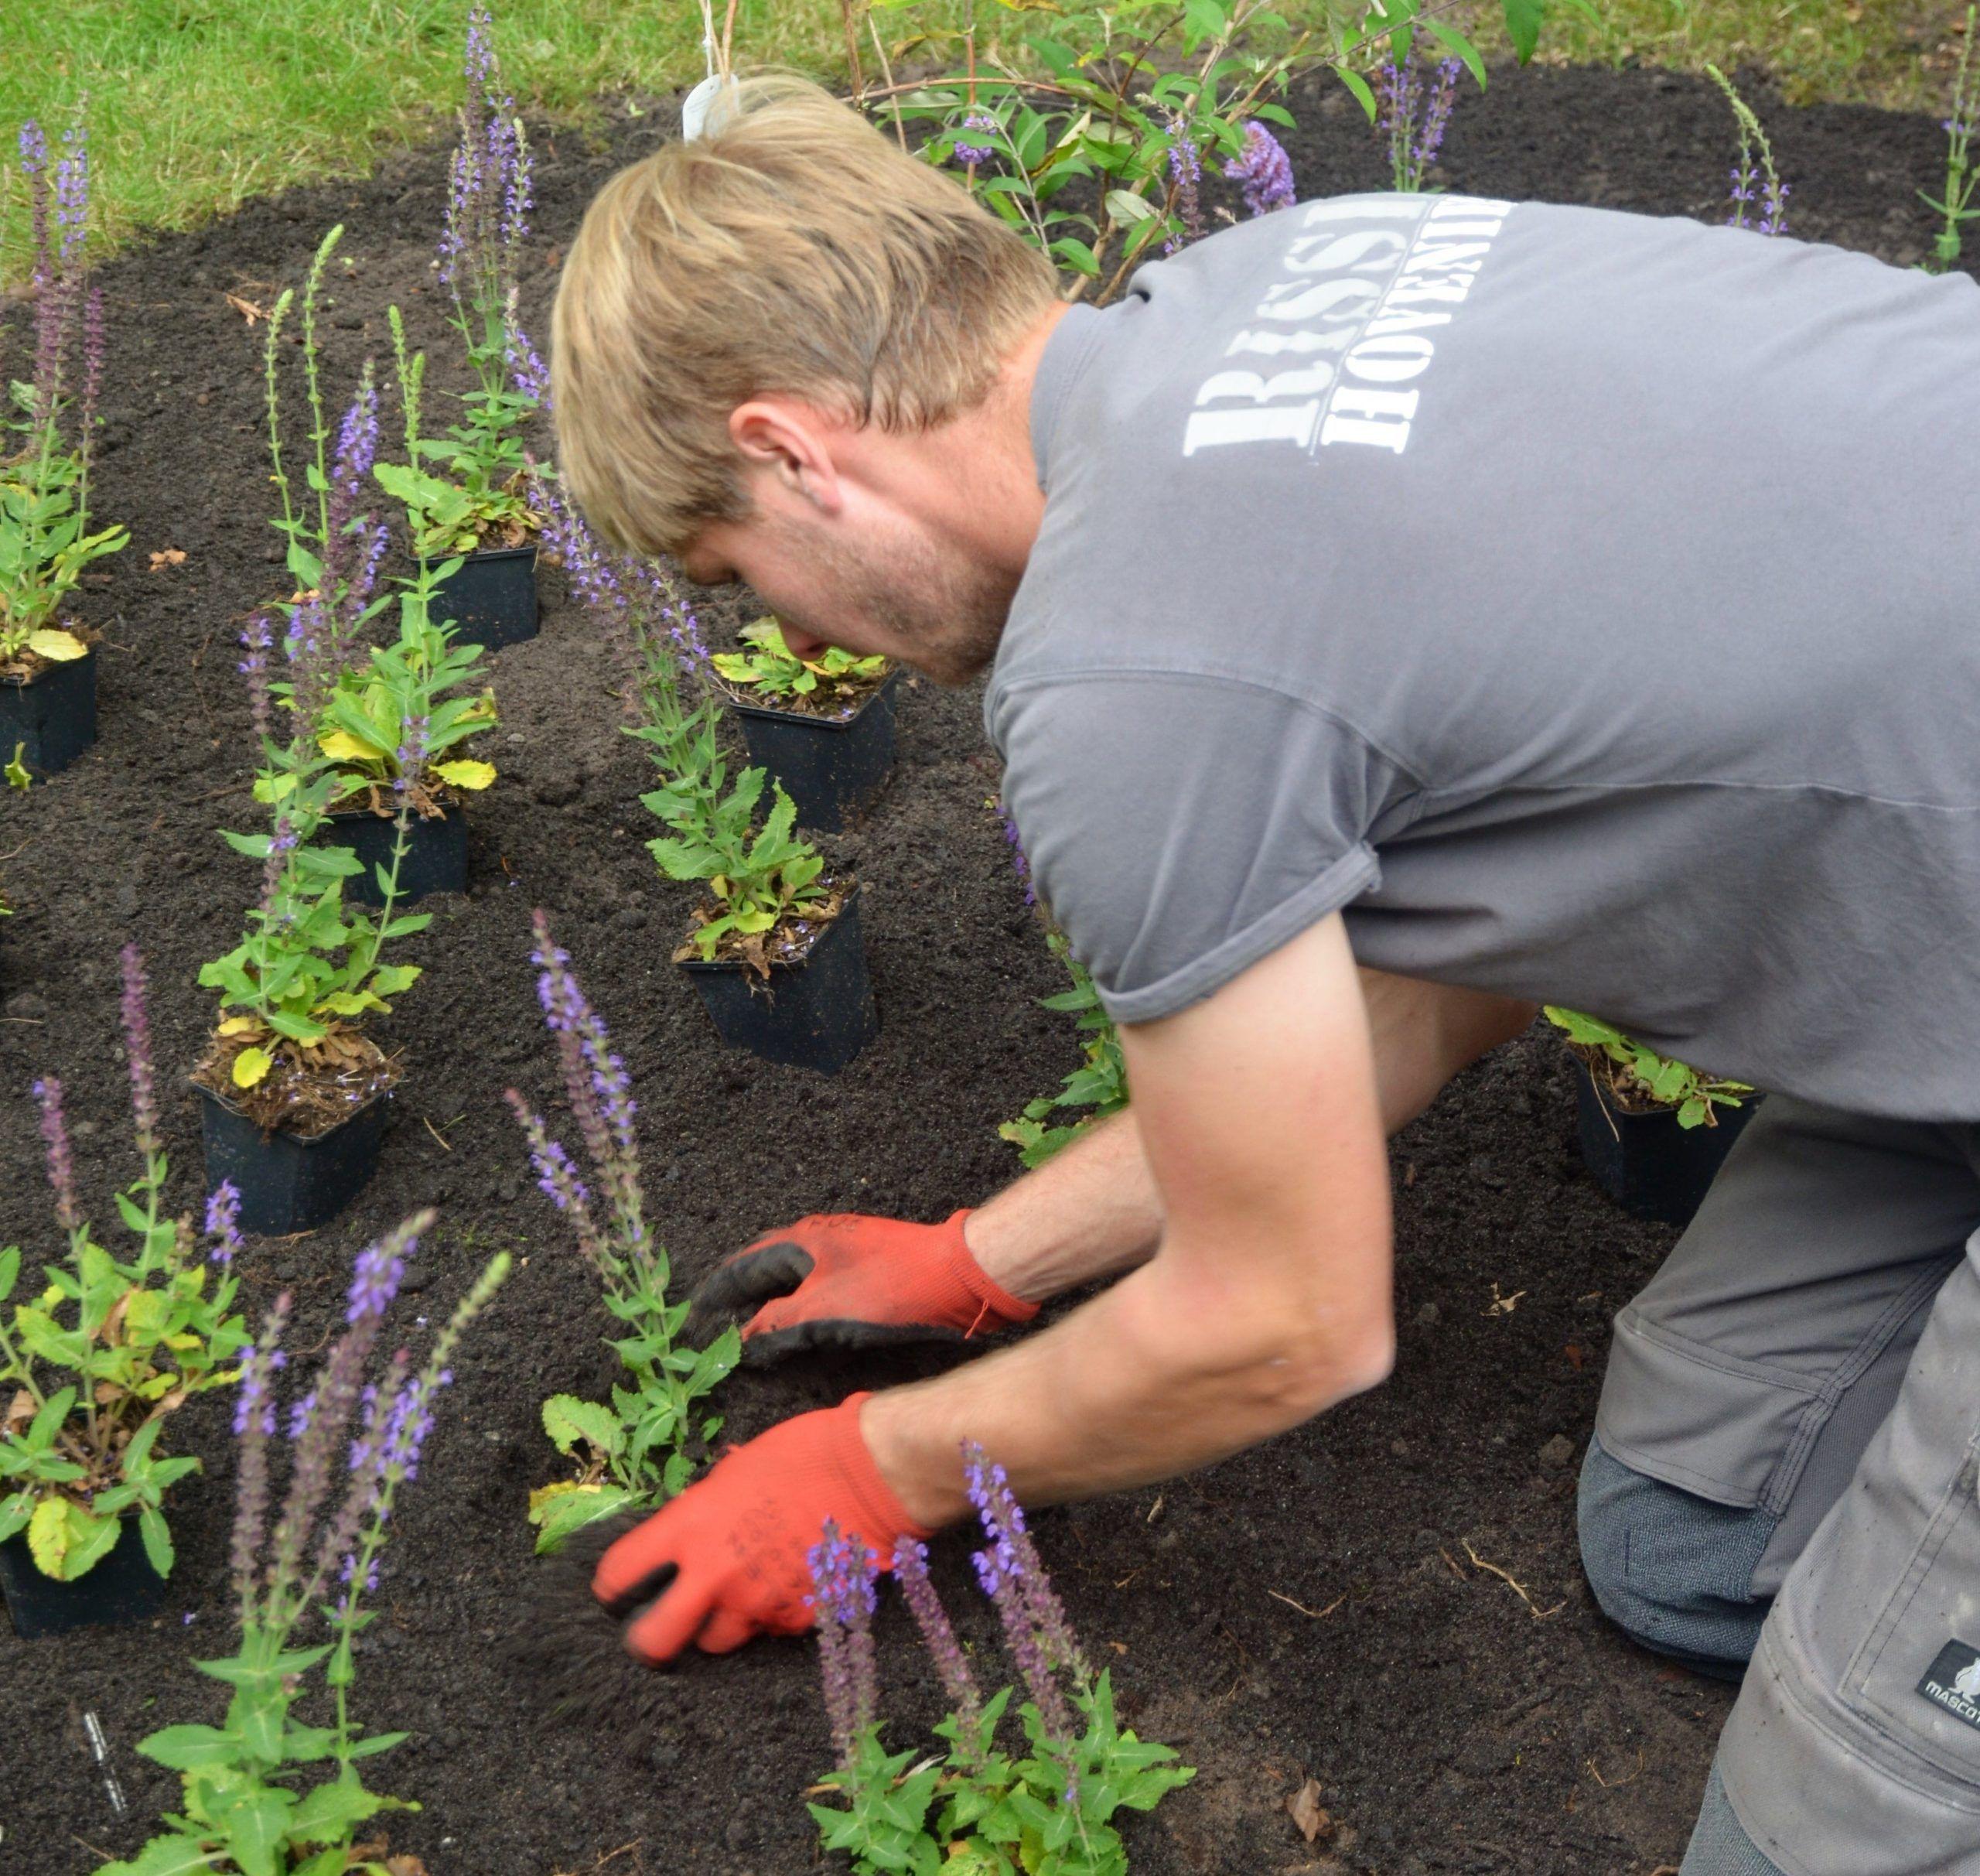 Rissik Hoveniers bouwen mooie tuinen tijdens Exclusive Spring Fair in Baarn